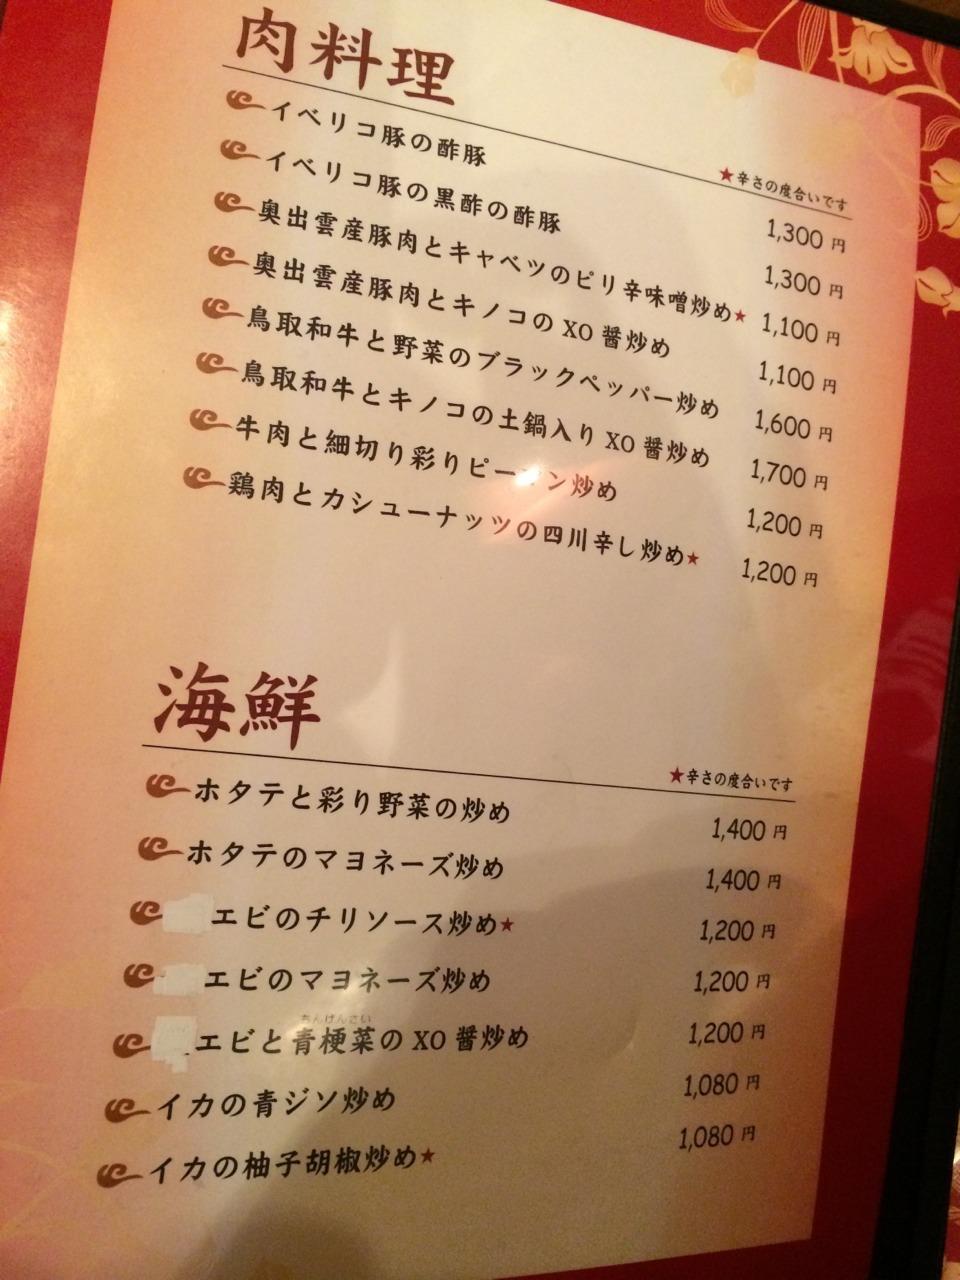 中国料理 銀座四川 壽桃  閉店アナウンス_e0115904_15371490.jpg